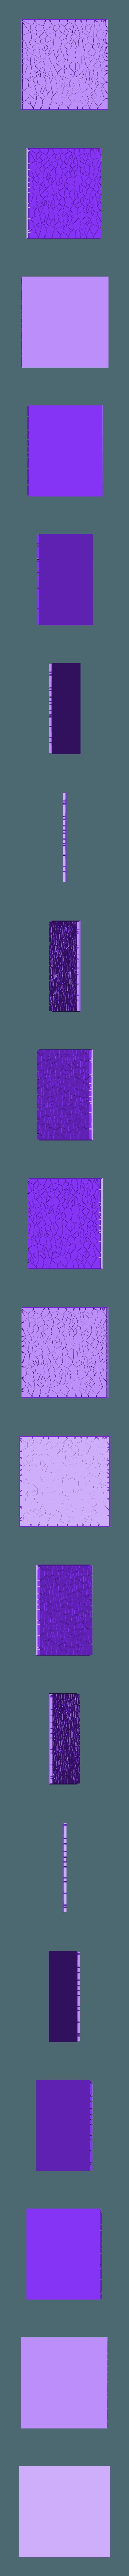 Cracked_paving_100mm_square_2.stl Télécharger fichier STL gratuit Dallage fissuré / Bases carrées à effet de lave pour la saga Dungeon, Kingd of war, Warhammer fantasy battle etc • Objet imprimable en 3D, redstarkits